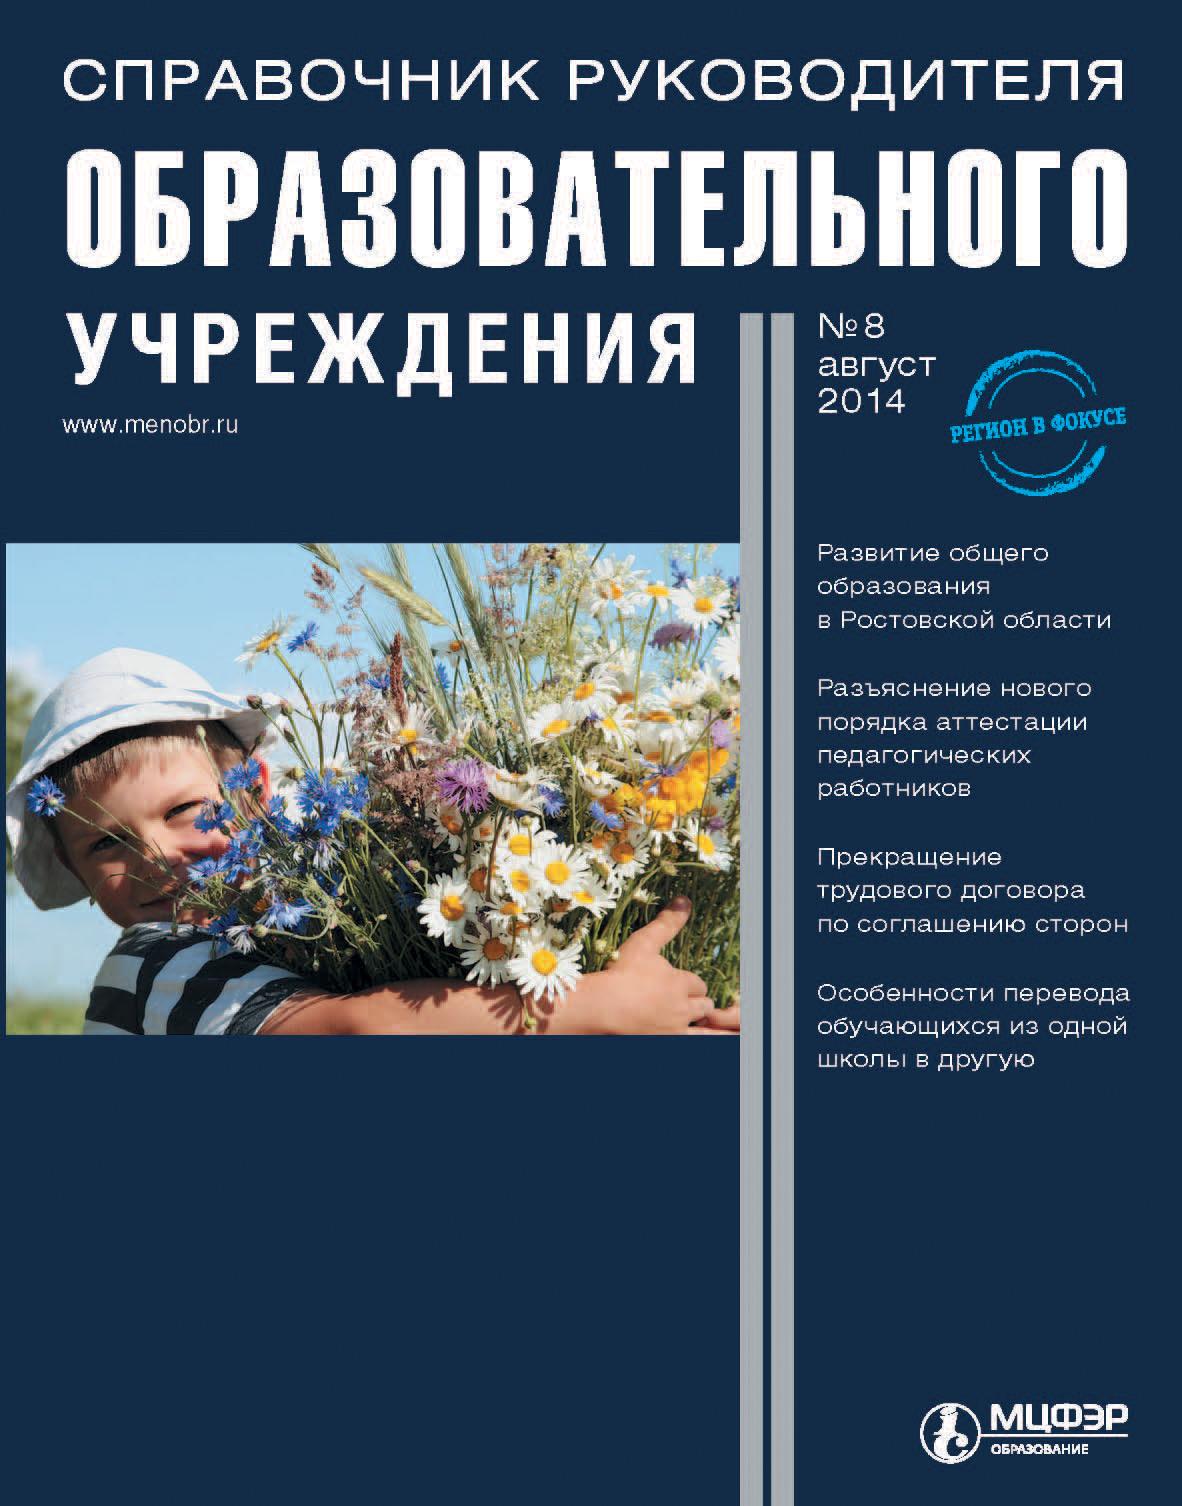 Отсутствует Справочник руководителя образовательного учреждения № 8 2014